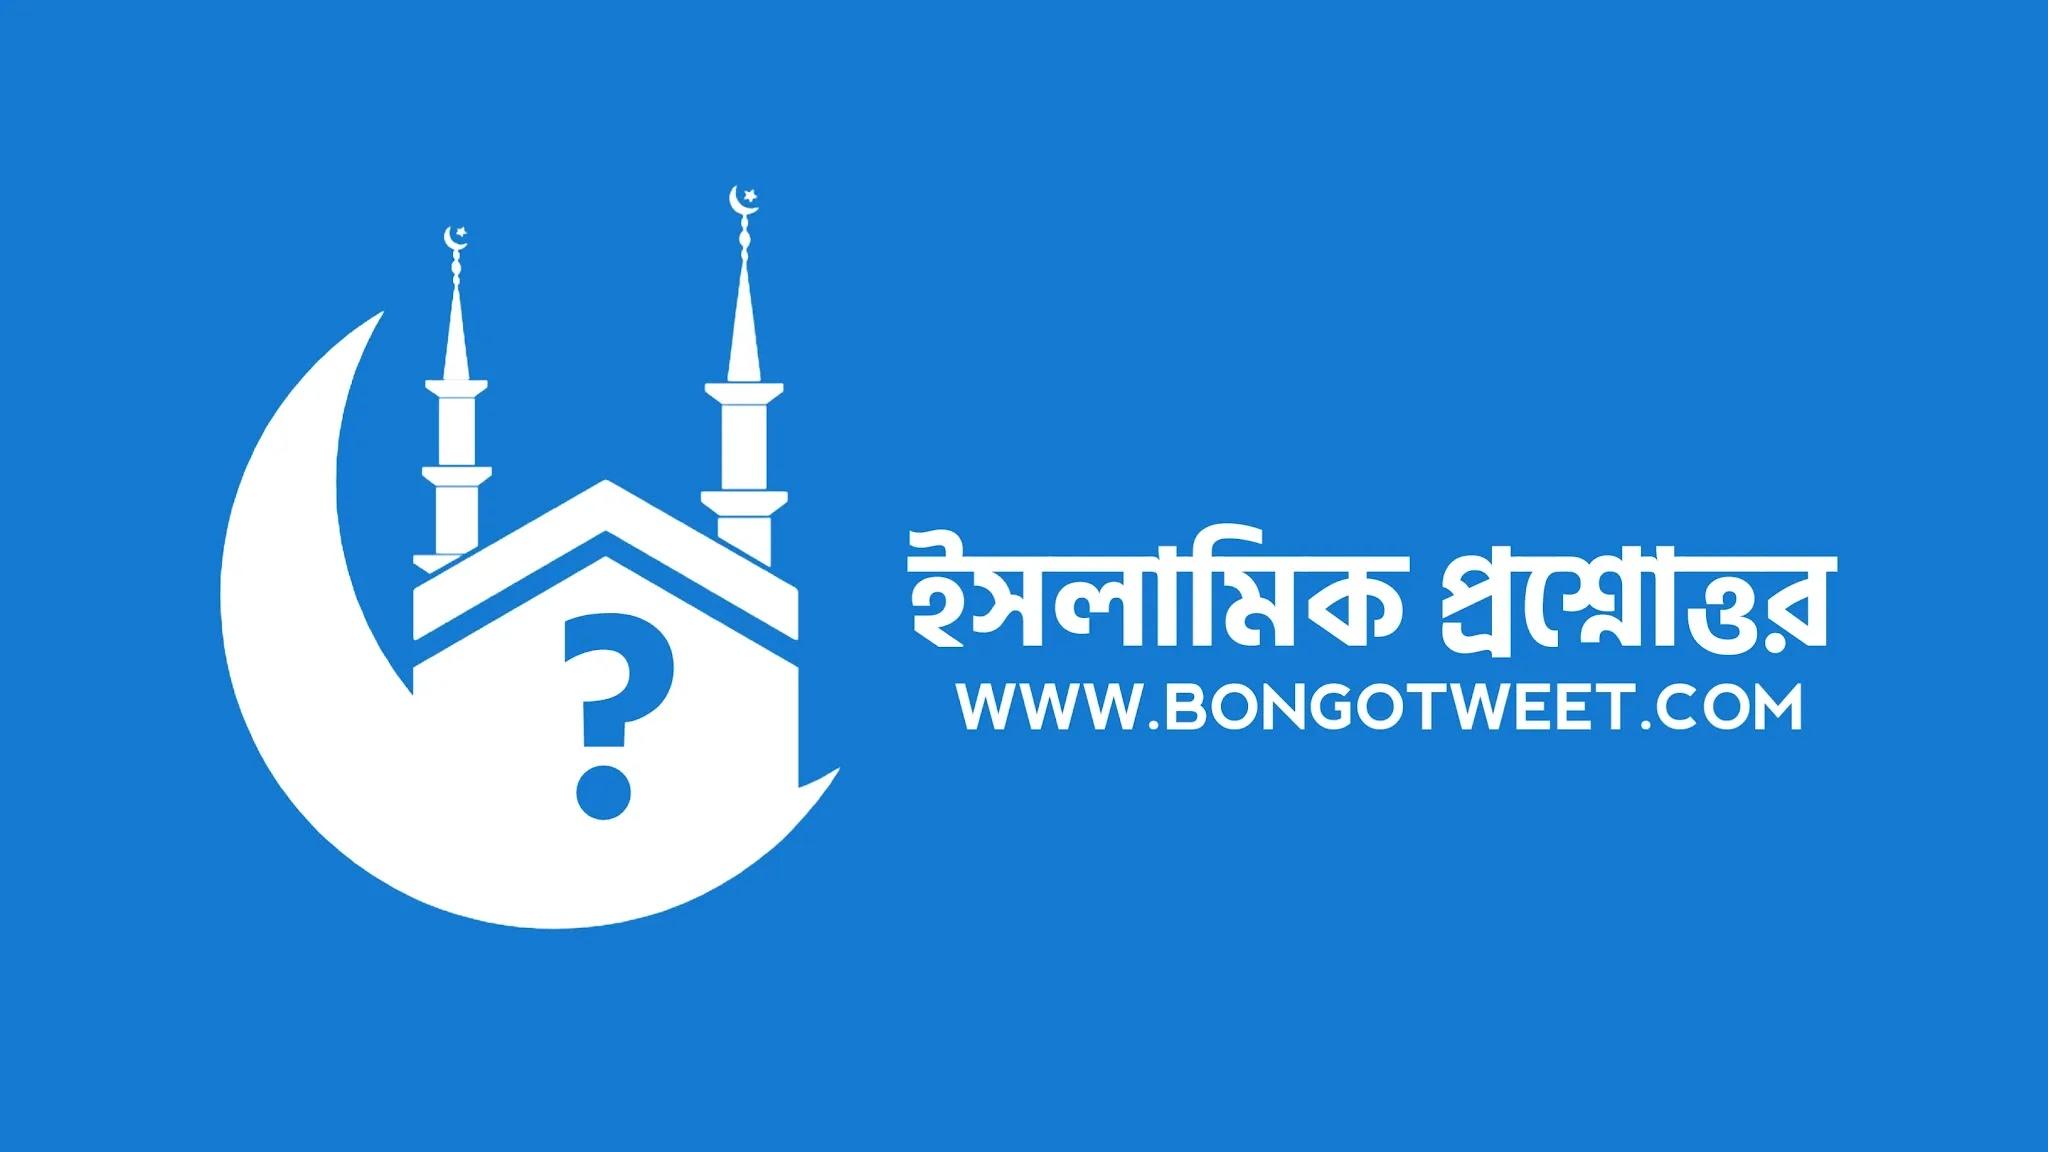 মহিলাদের নামাযের পার্থক্য সমূহ কী কী - বঙ্গ টুইট - Bongo Tweet